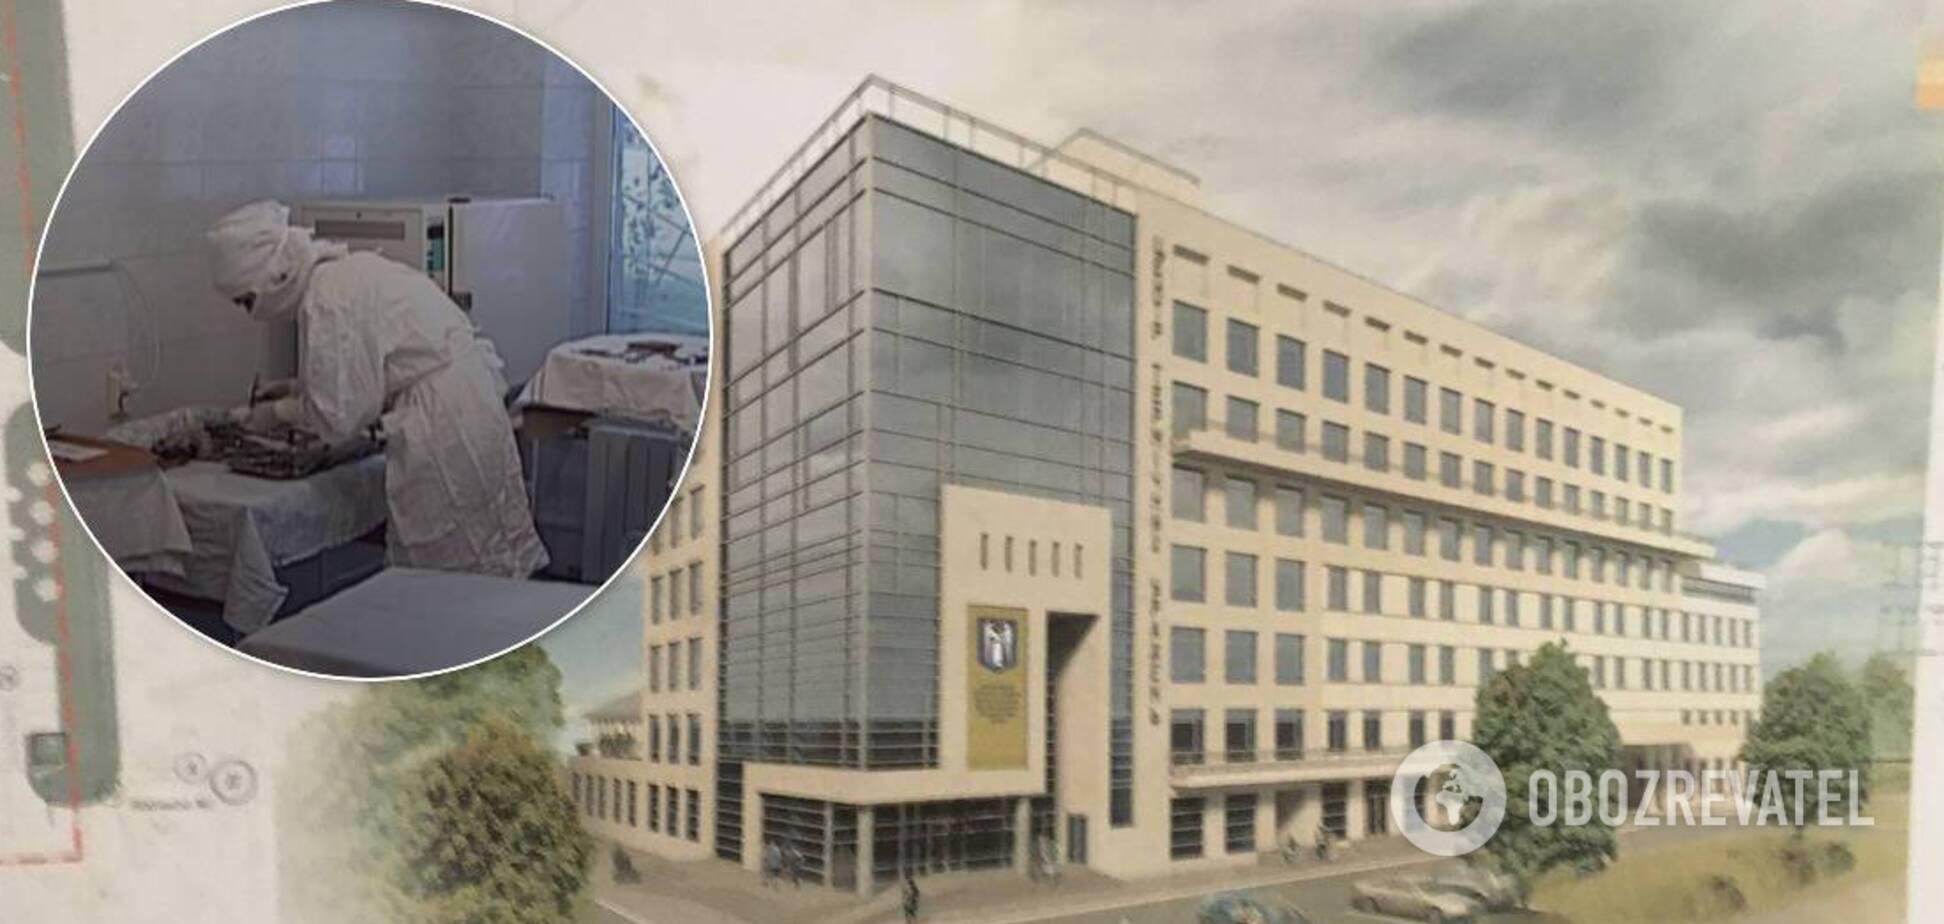 Грошей дали тільки на котлован: чому в Києві не можуть побудувати новий опіковий центр і вирощувати тканини